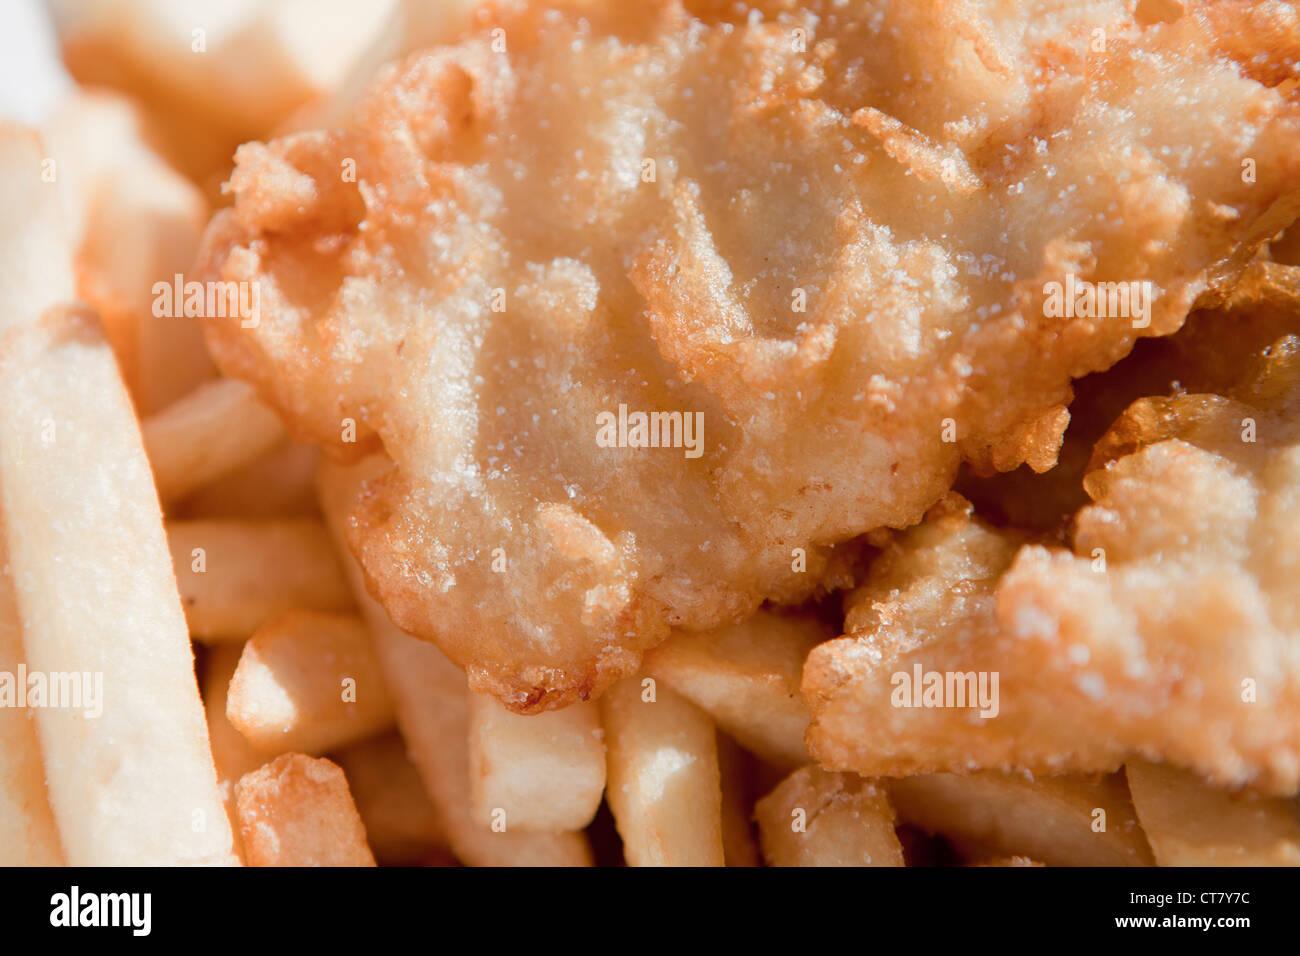 Borsa nel grasso di pesce e patatine da asporto. Immagini Stock